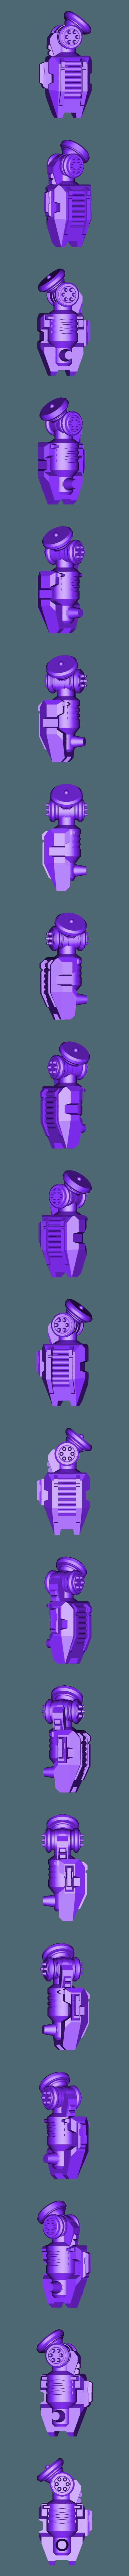 1-100th Defender Layout-HighRez-RightForearm.stl Télécharger fichier STL gratuit 1/100e de l'échelle Defender Mech • Design pour imprimante 3D, johnbearross